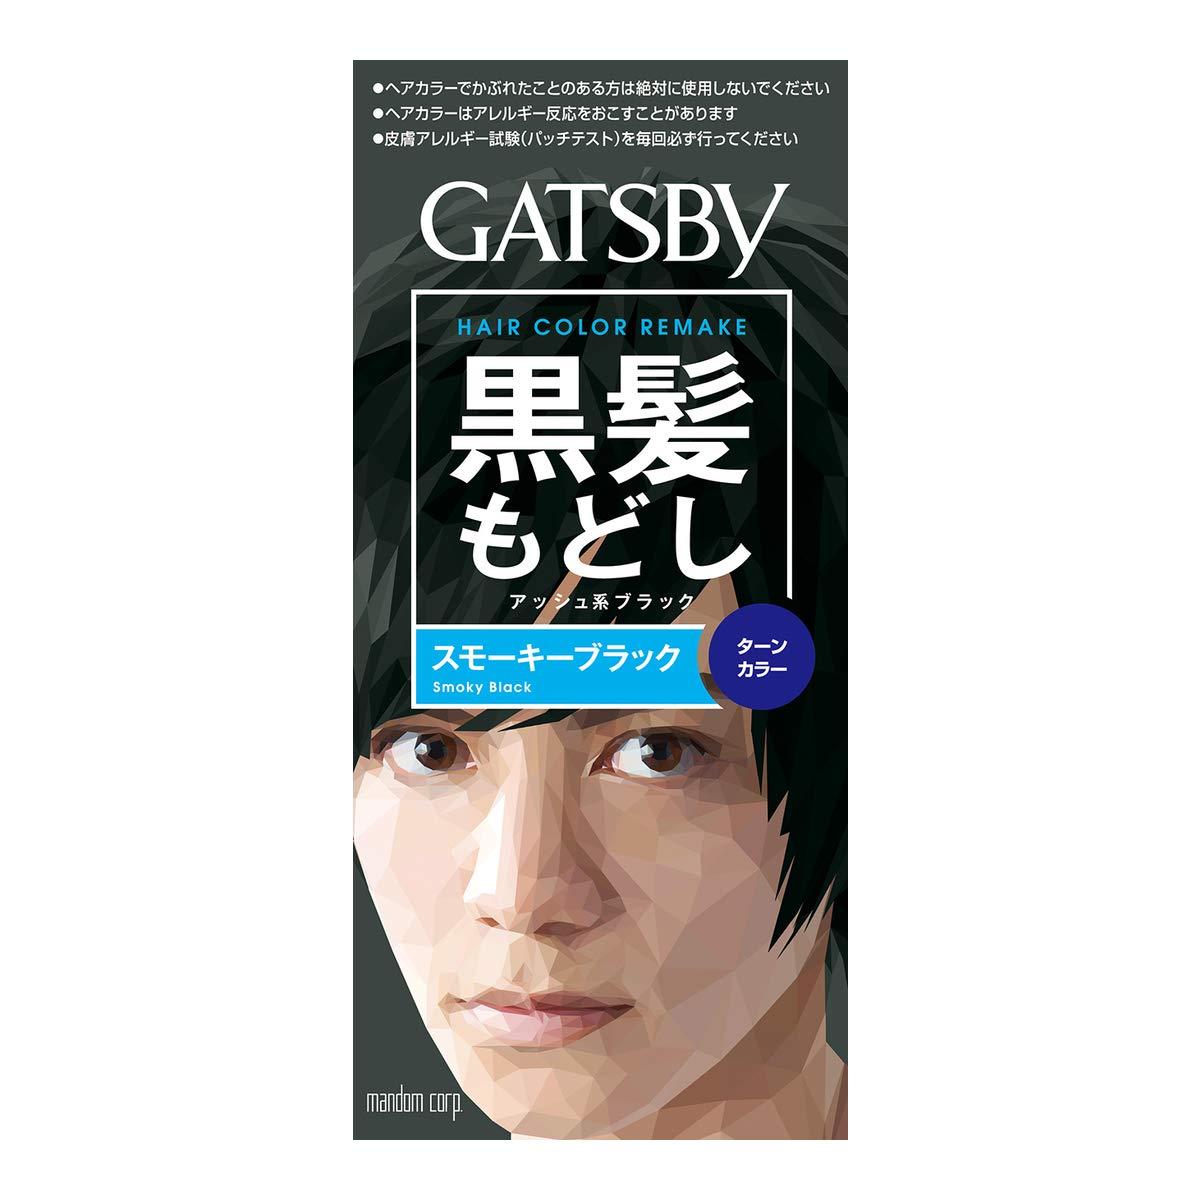 【マンダム】ギャツビー ターンカラー スモーキーブラックのサムネイル